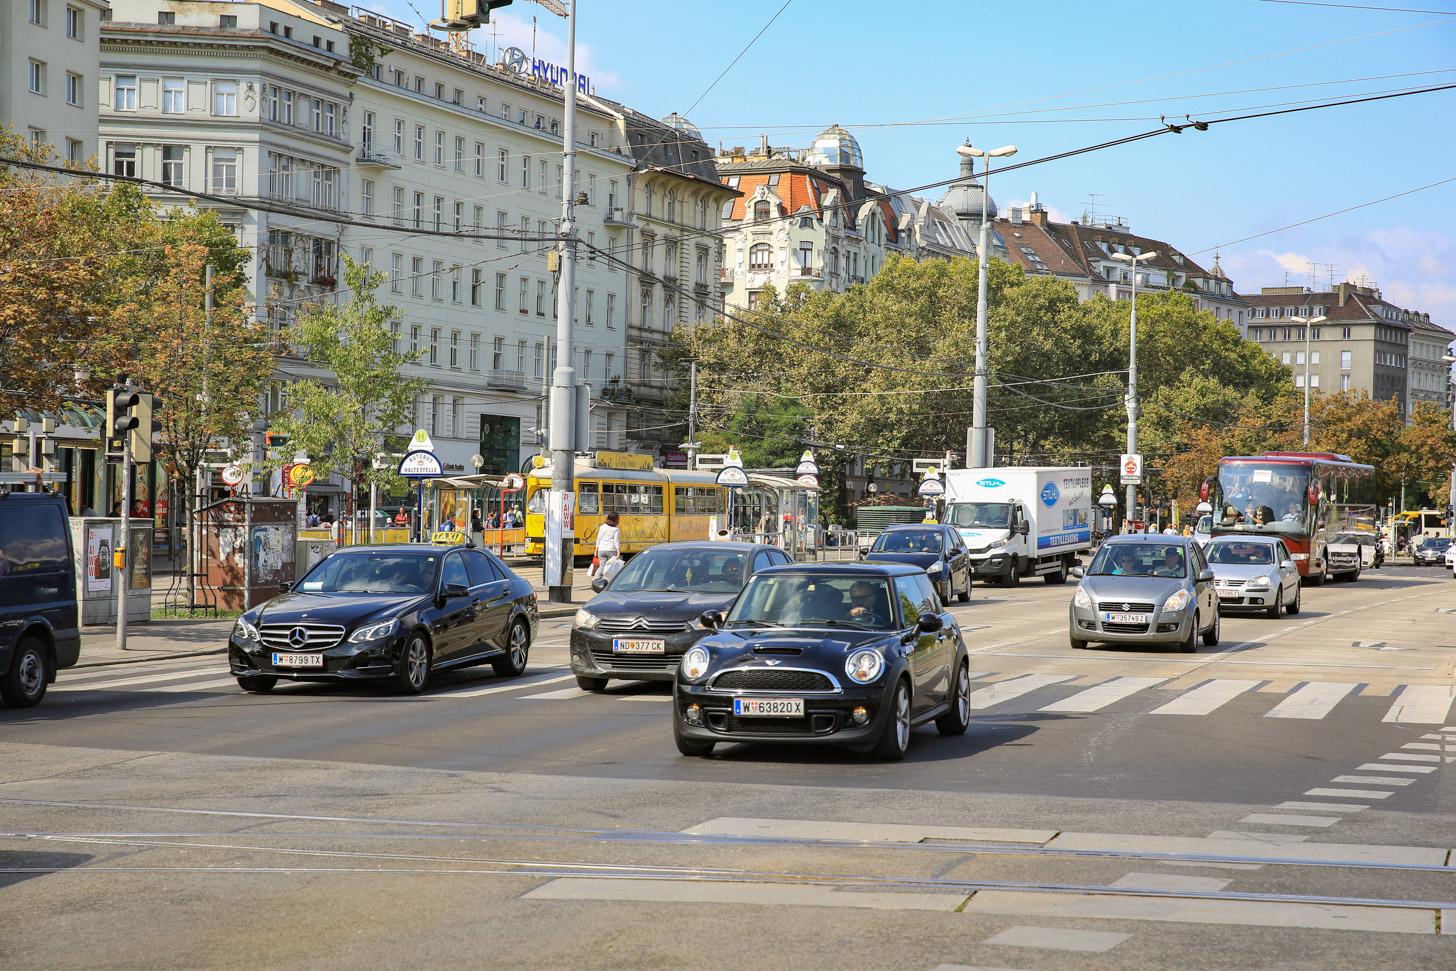 Met de auto naar Wenen